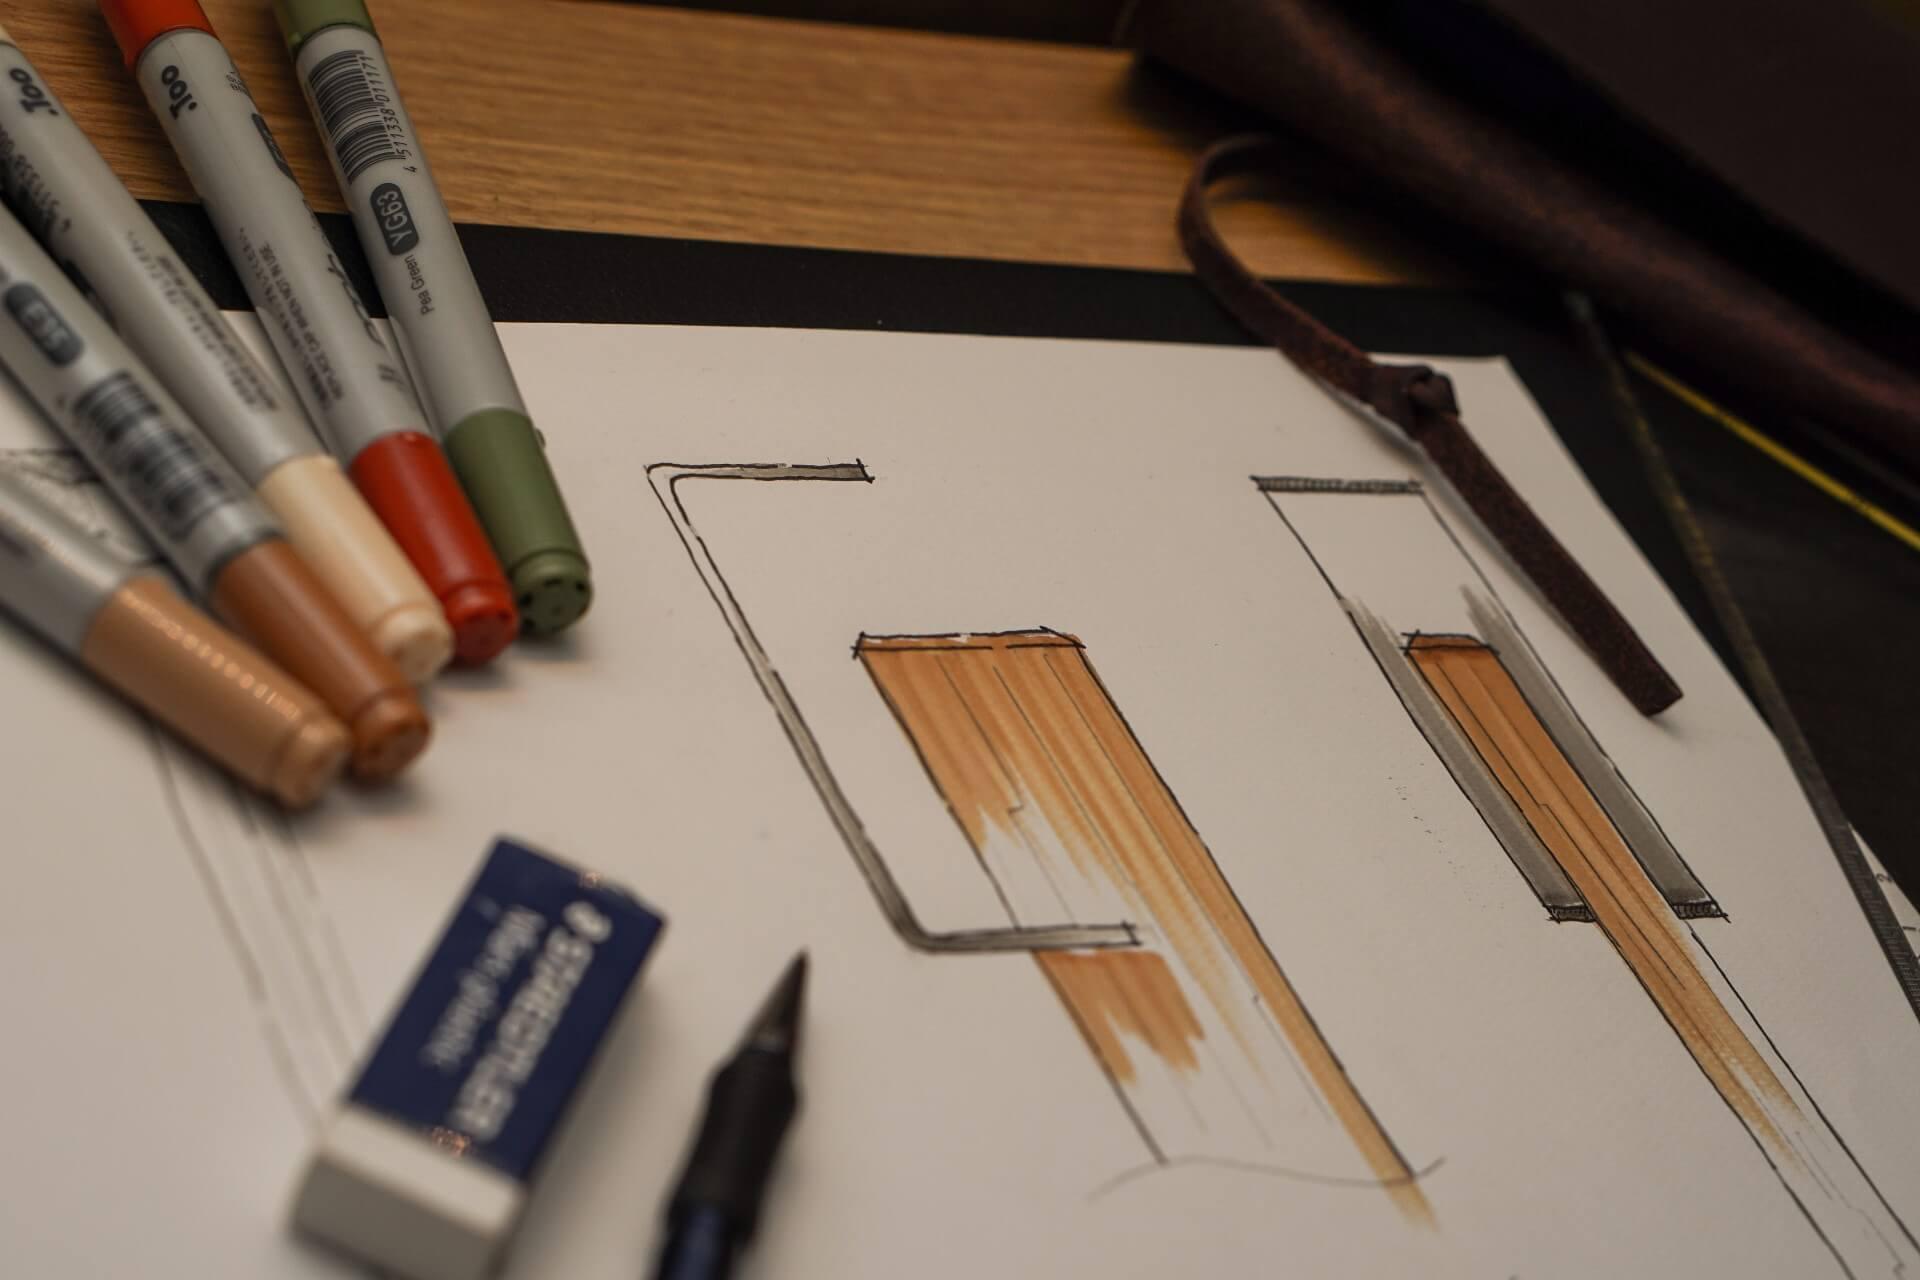 Holznagel design und funktion perfekt vereint for Design und funktion